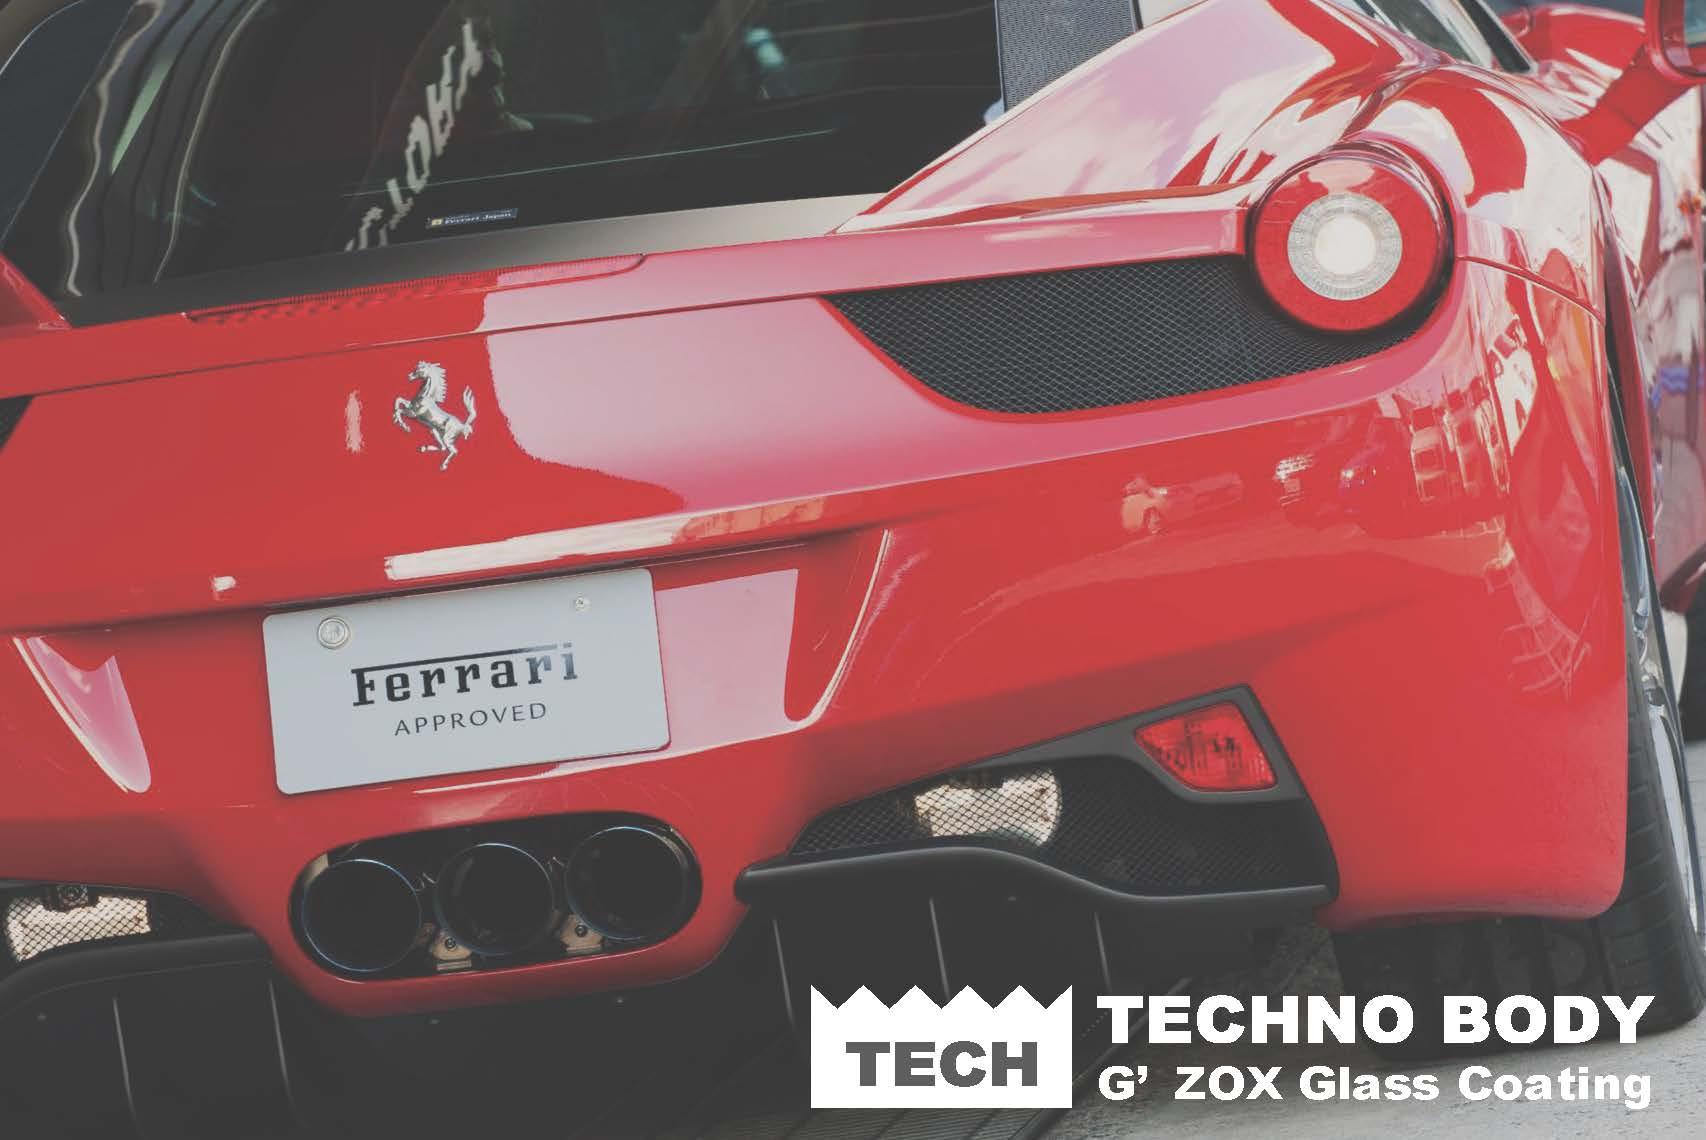 Ferrari13Fin_ページ_1